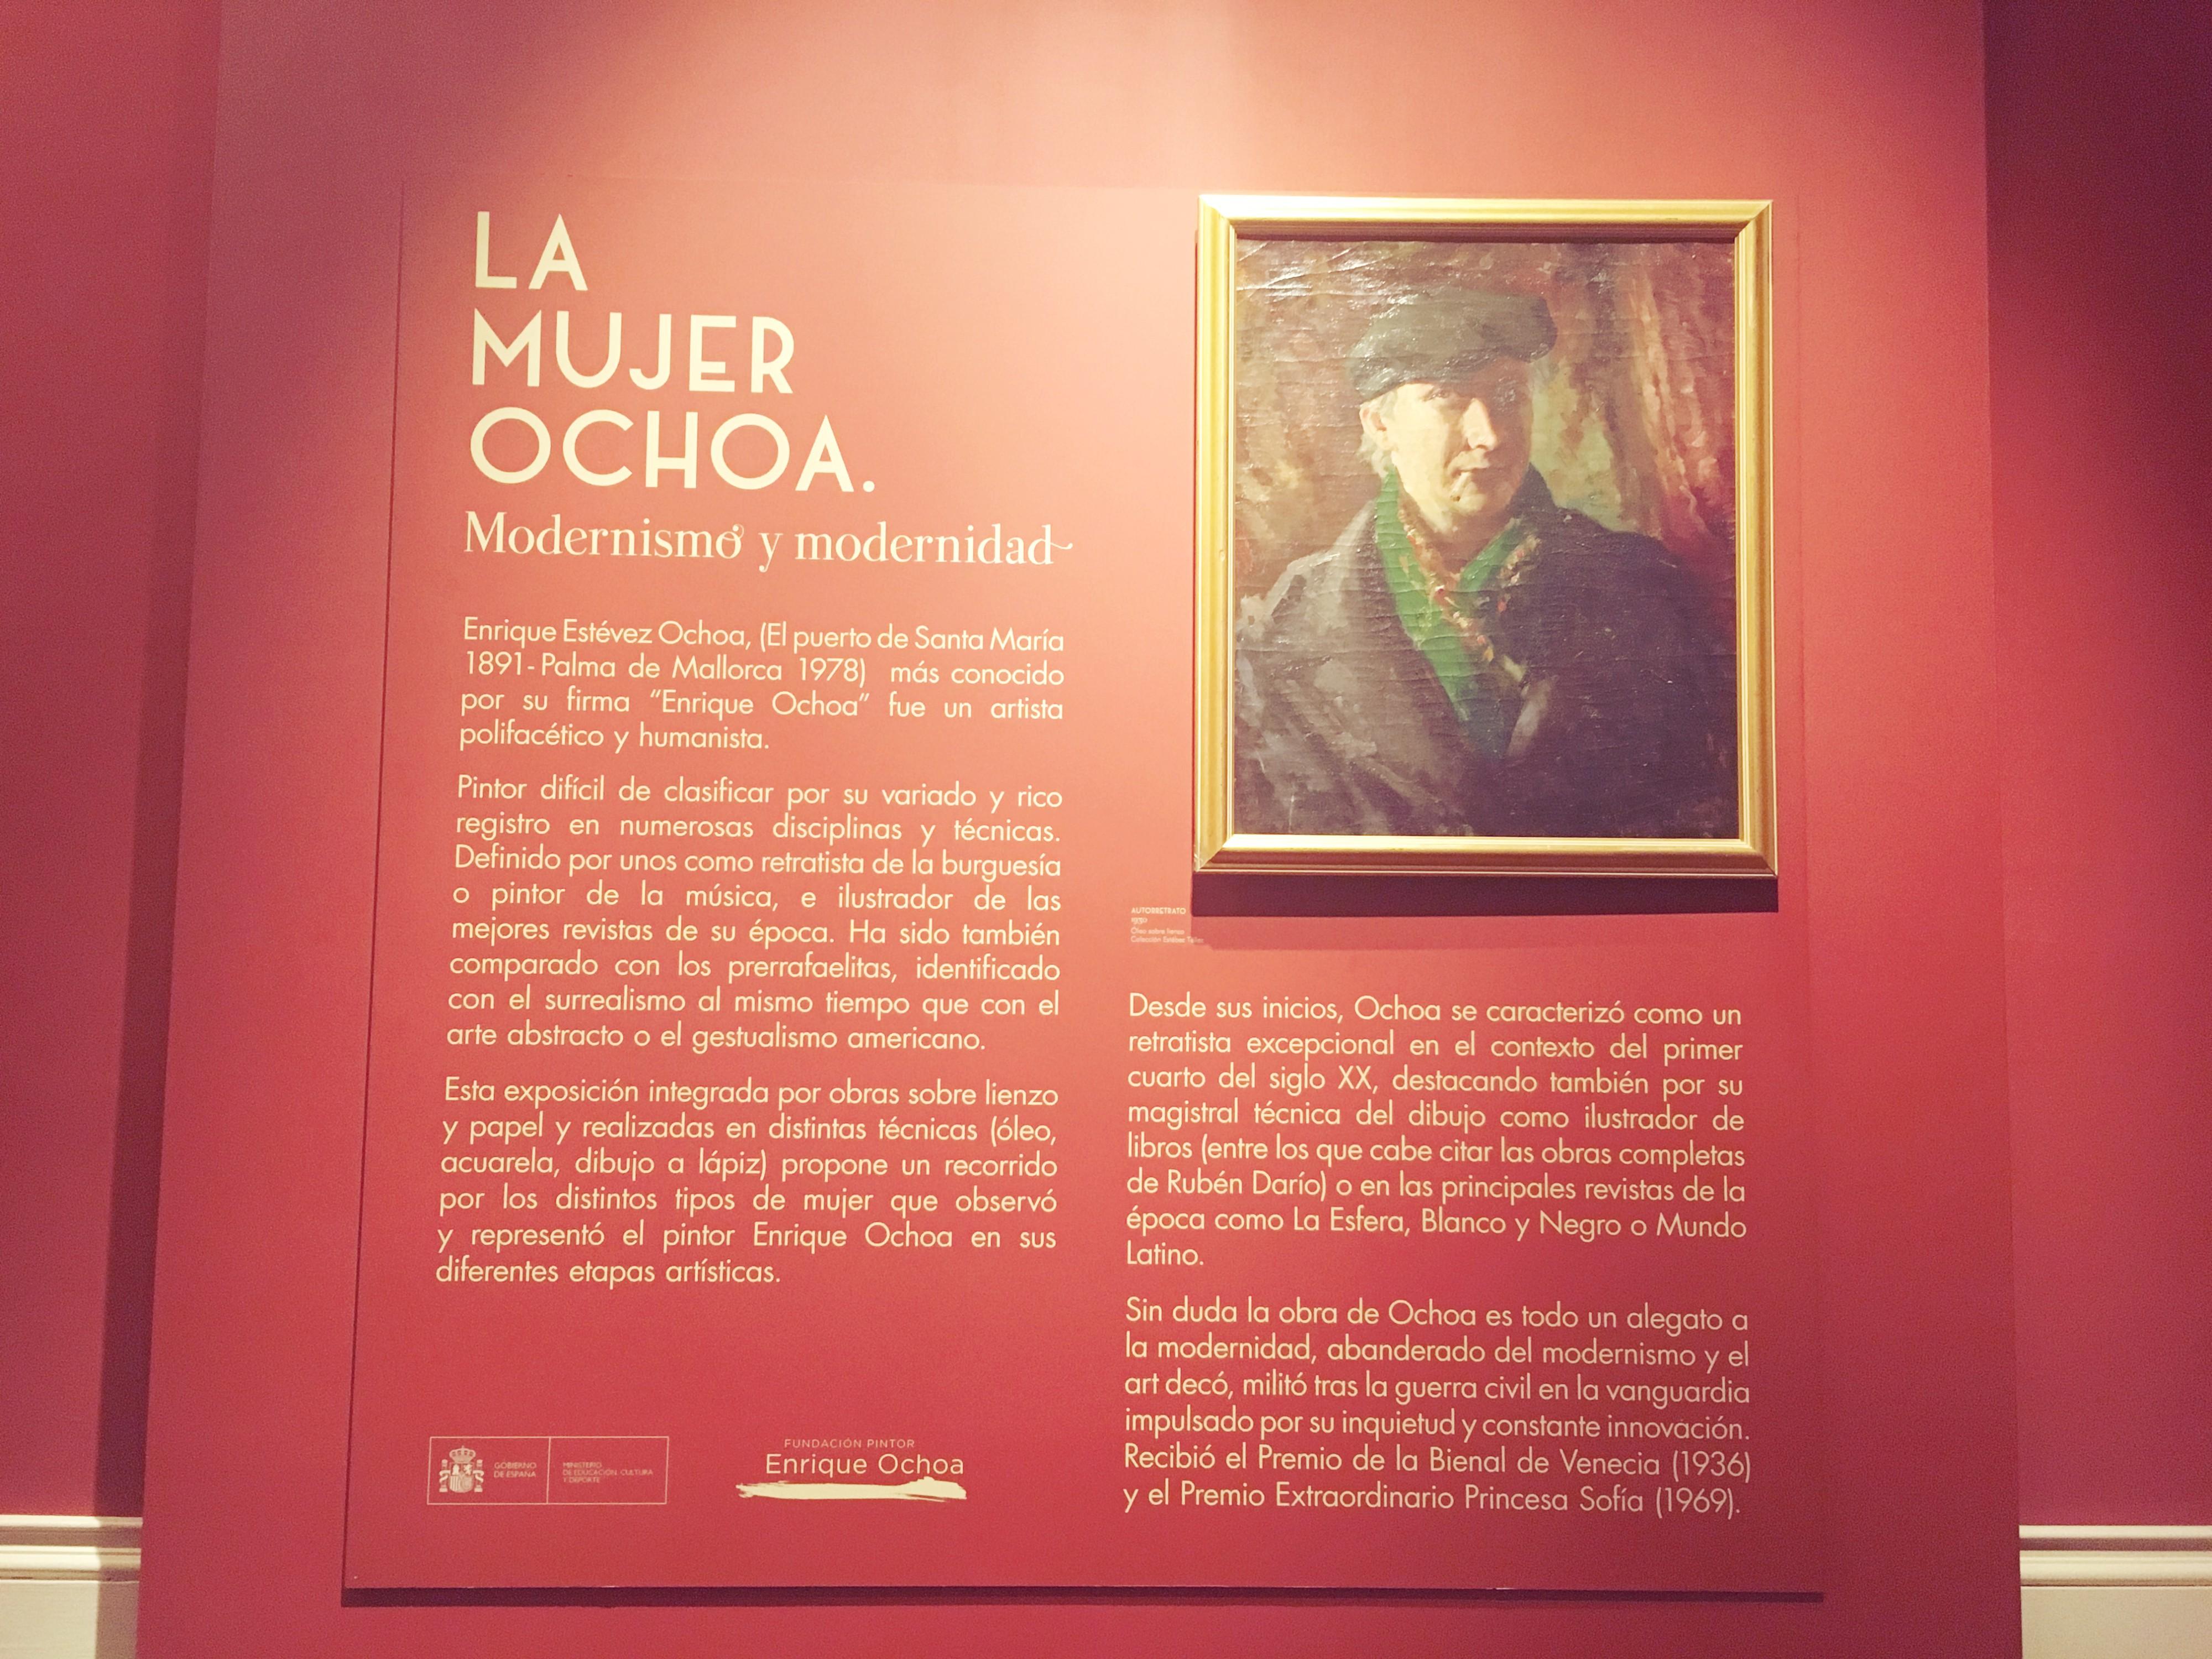 La-Mujer-Ochoa-Modernismo-y-Modernidad-Museo-Cerralbo-Madrid-Blog-de-moda-ChicAdicta-pinturas-de-mujeres-Chic-Adicta-PiensaenChic-Piensa-en-Chic